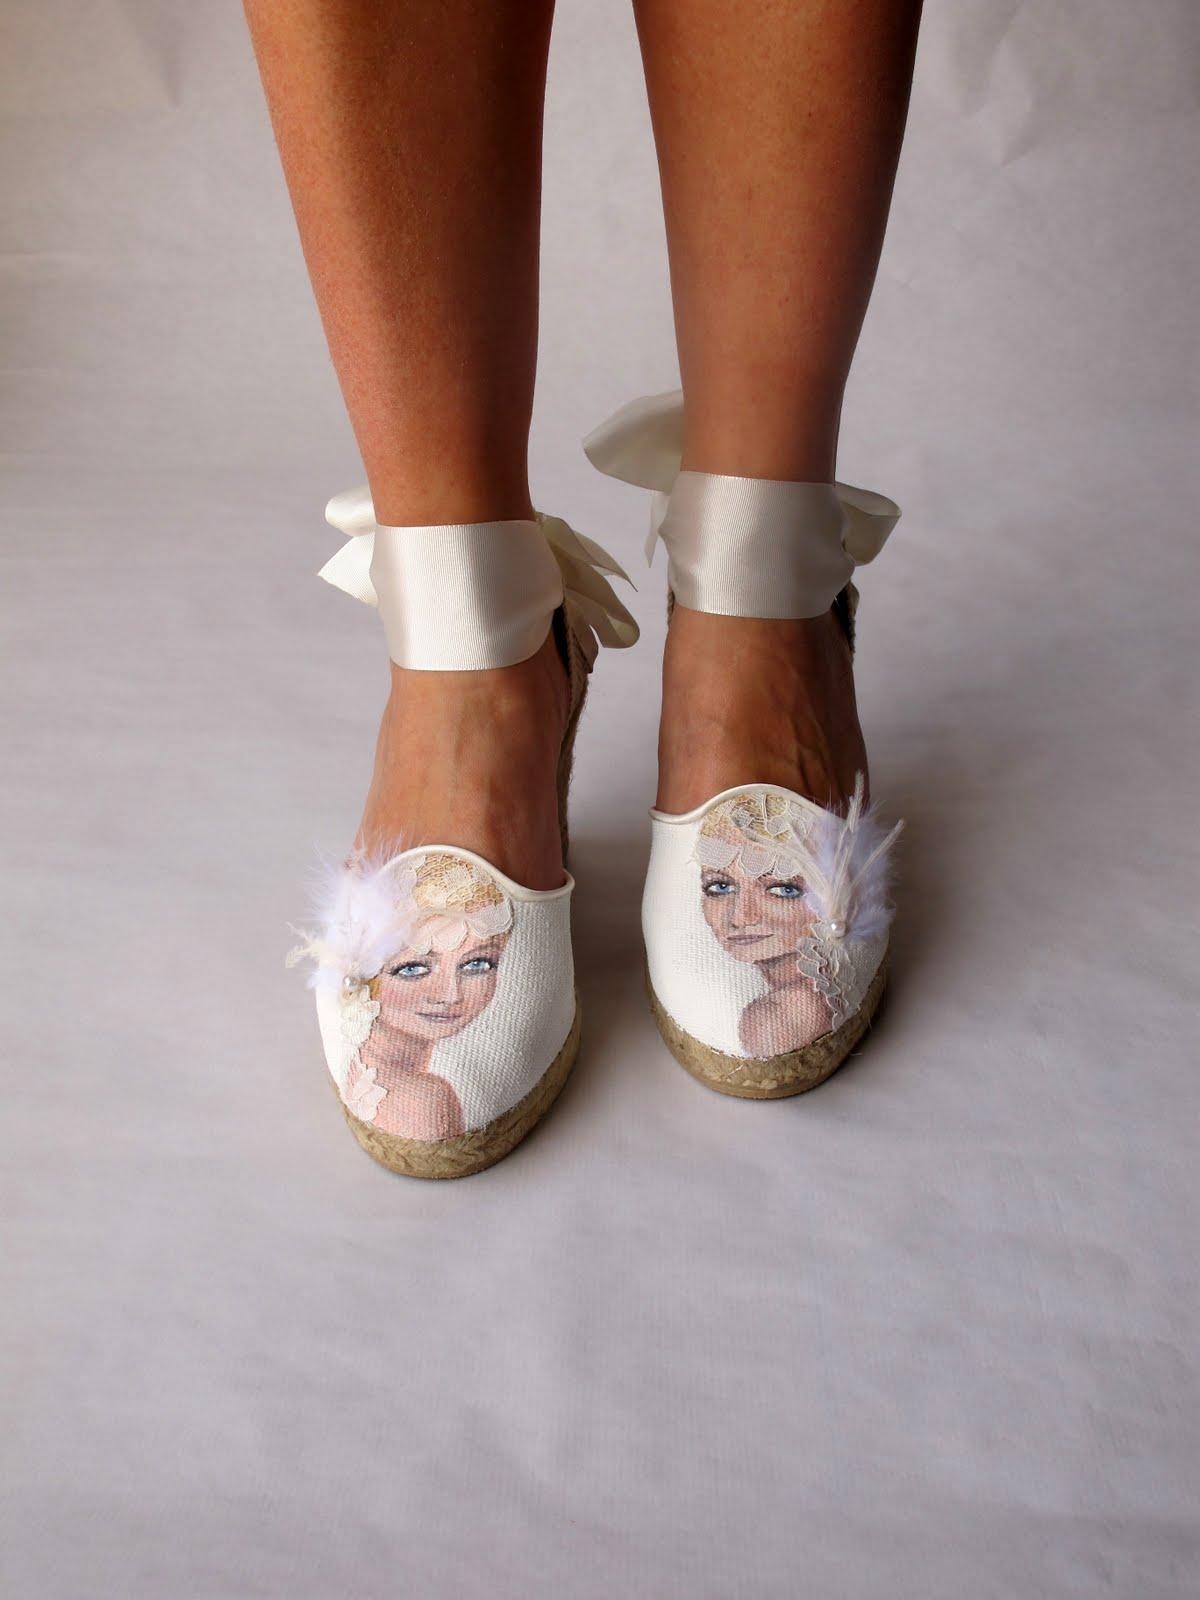 imagenes de zapatillas para novia - ¿Cómo elegir los zapatos perfectos para tu boda?